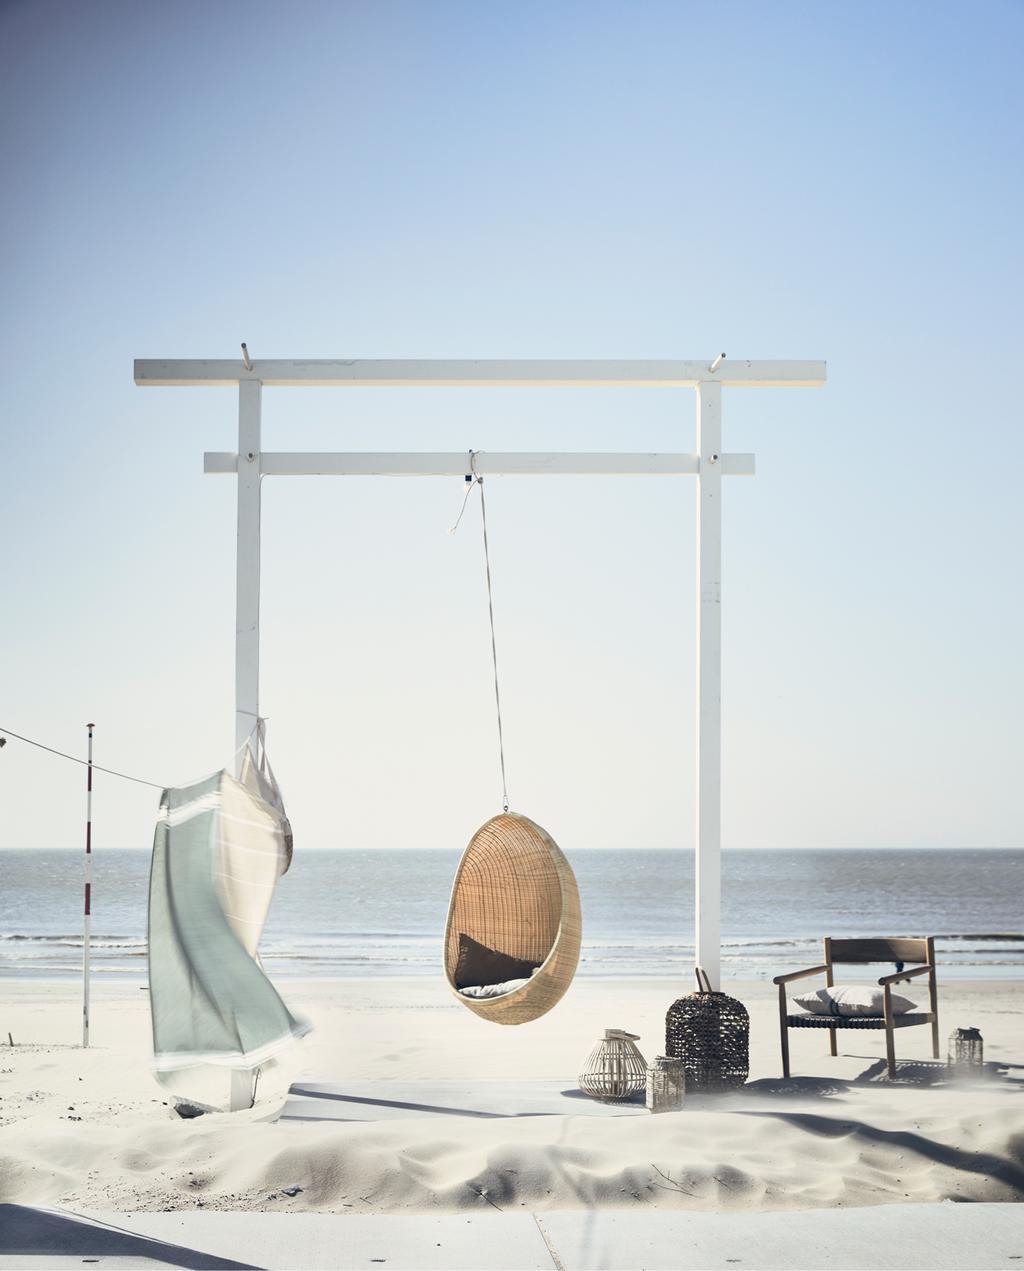 vtwonen 06-2020 | hangei op het strand bij de zee